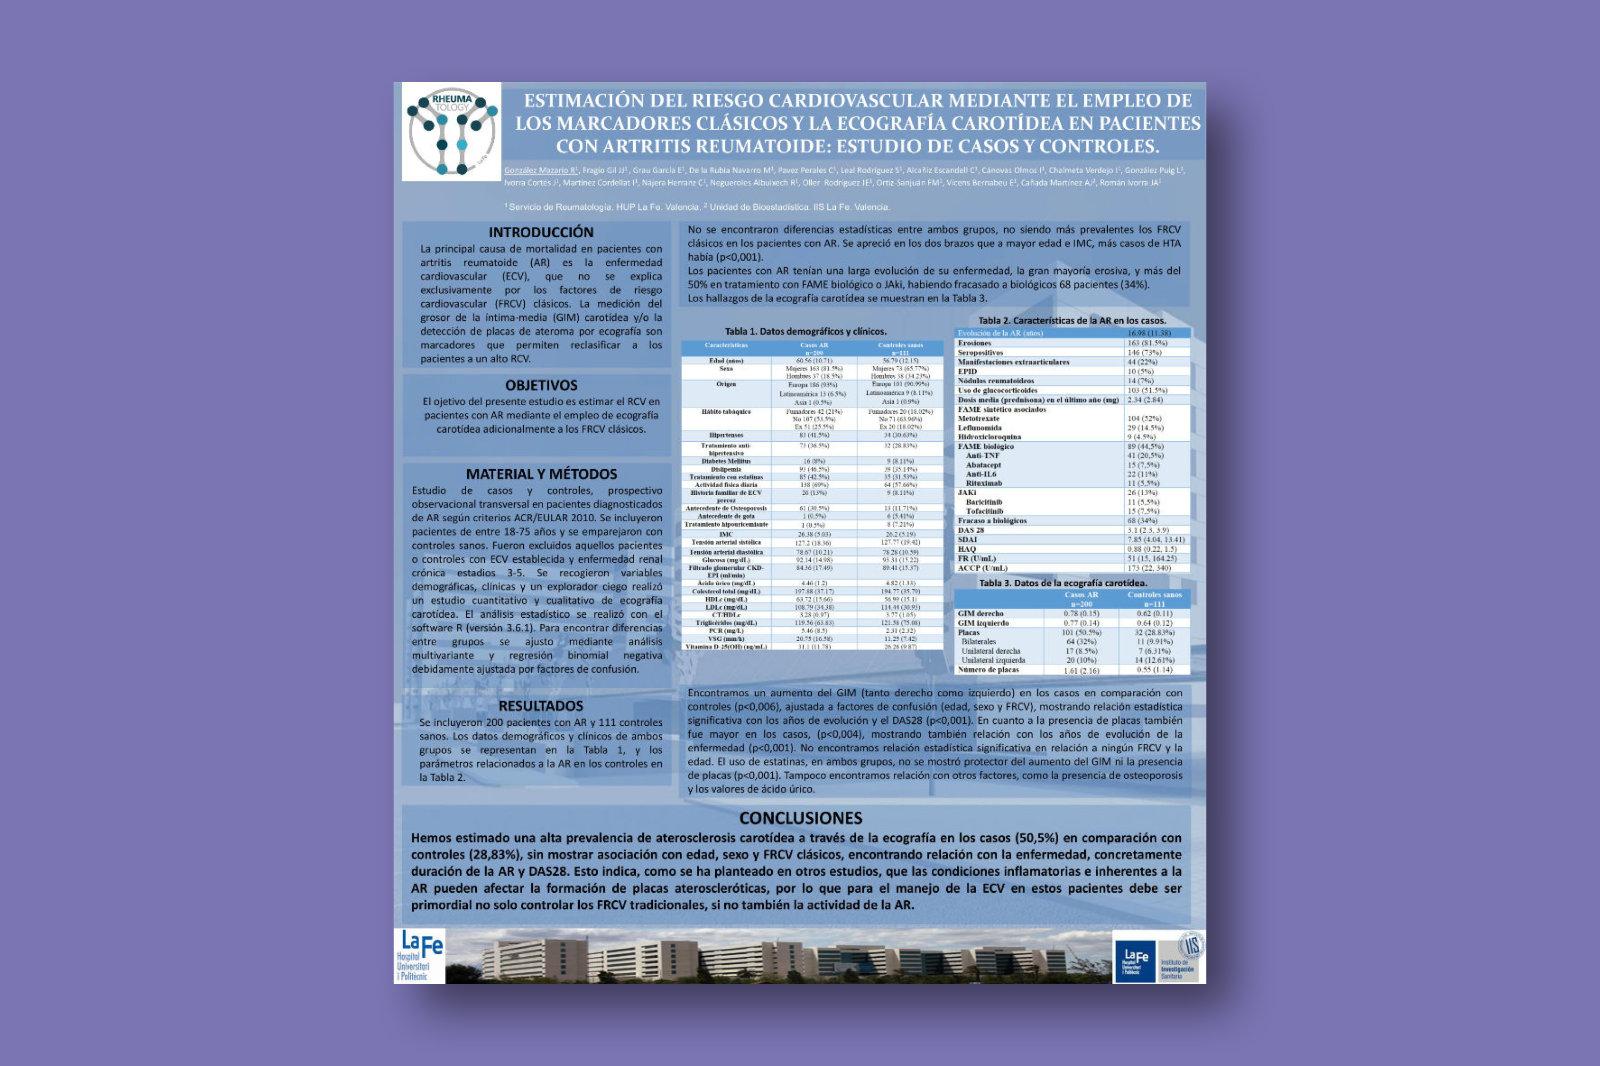 Estimación del riesgo cardiovascular mediante el empleo de los marcadores clásicos y la ecografía carotídea en pacientes con artritis reumatoide: estudio de casos y controles